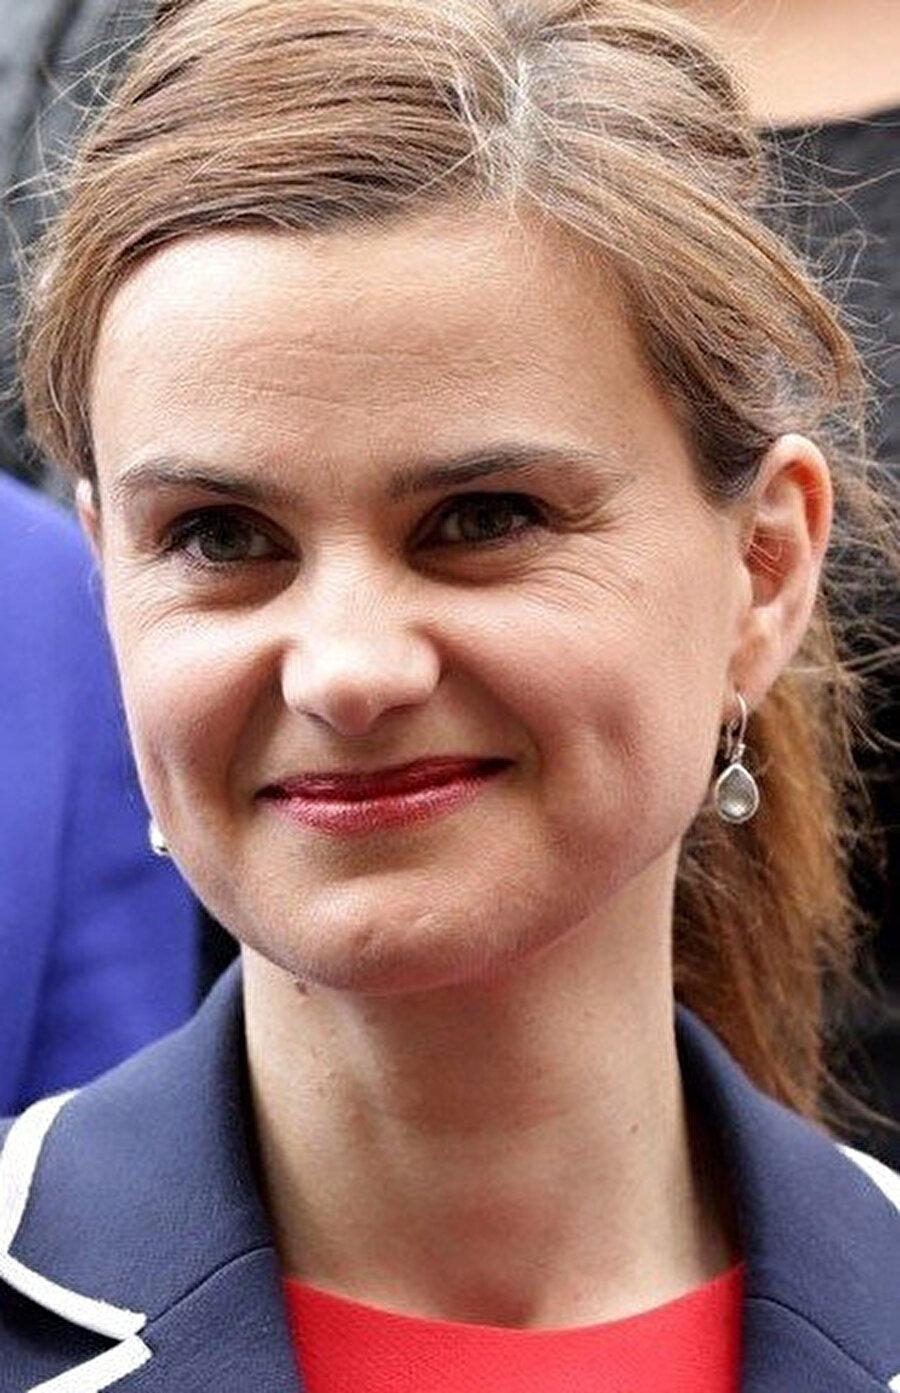 """Muhafazakâr Parti'den milletvekili Tracey Crouch'un """"yalnızlık bakanı"""" olarak atanacağı belirtildi."""